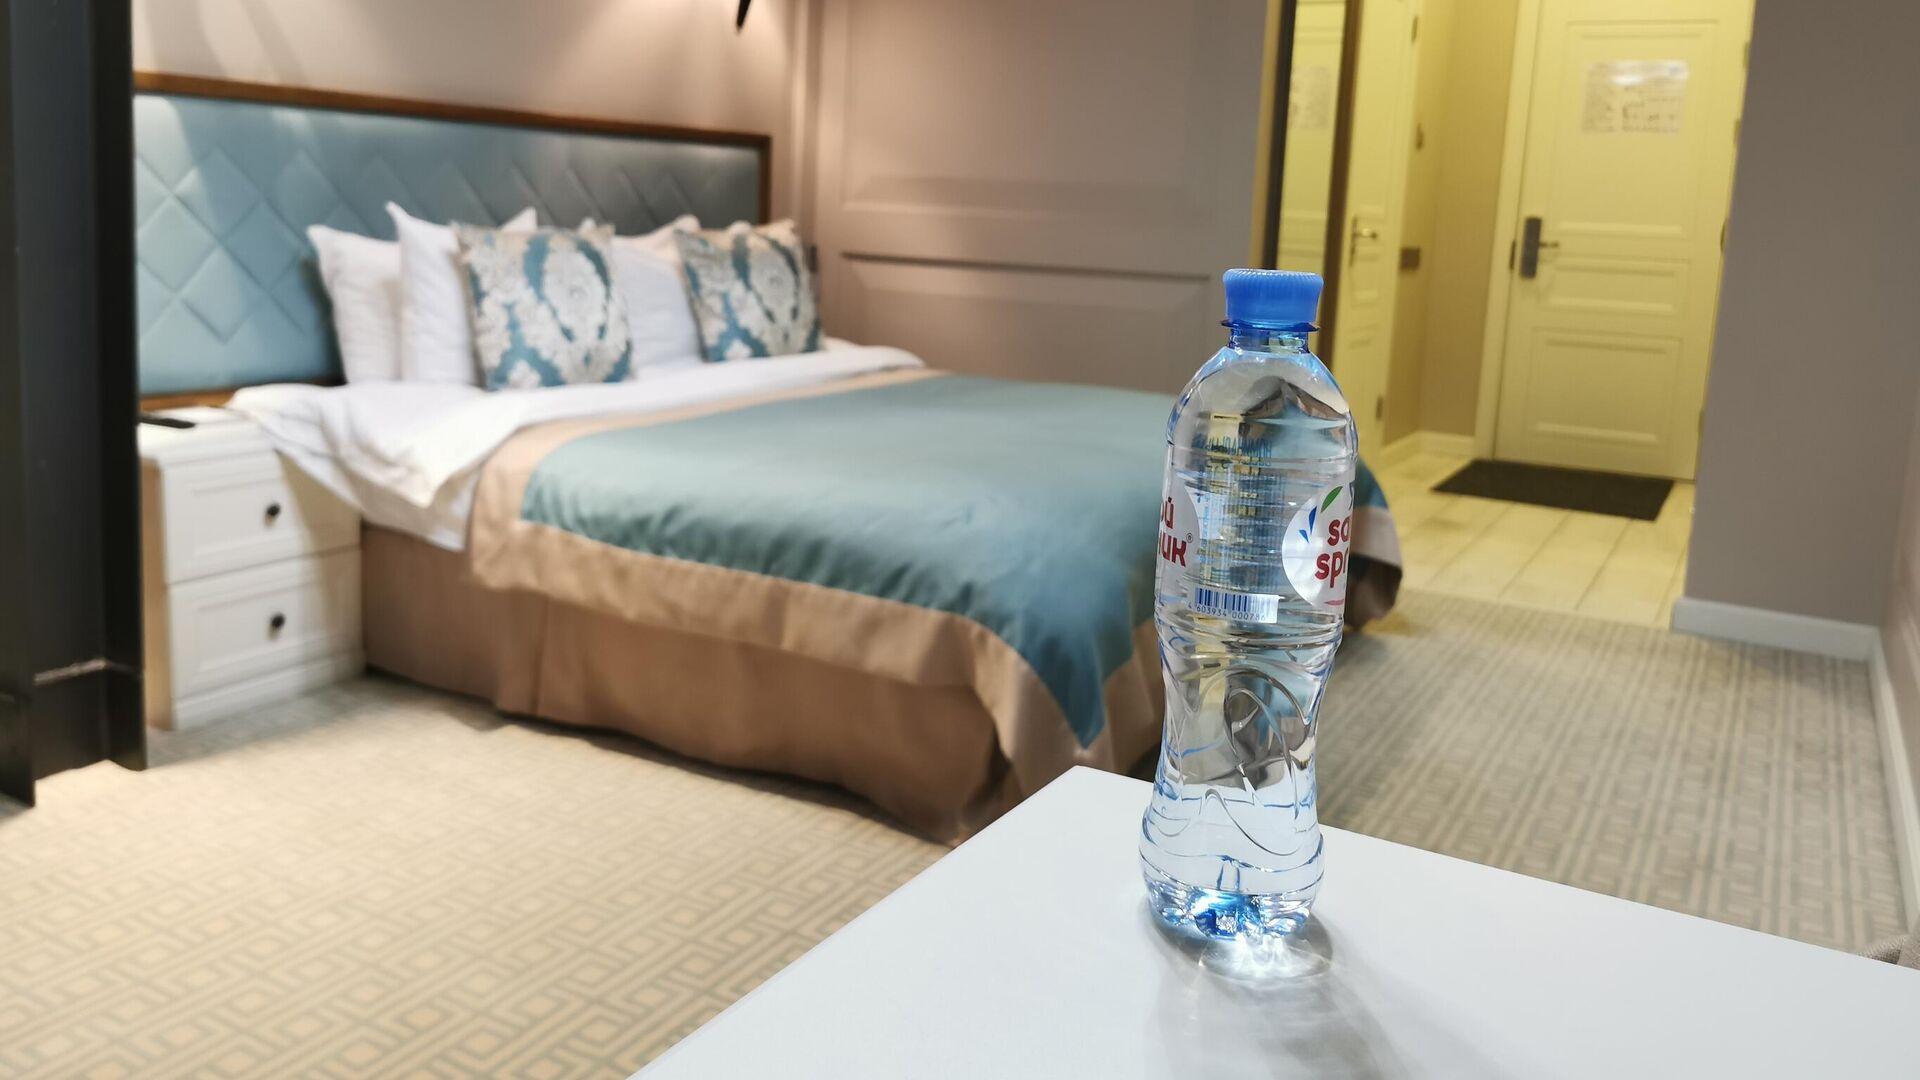 Бутылка воды на столике в номере 239 гостиницы Xander Hotel в Томске - РИА Новости, 1920, 25.11.2020